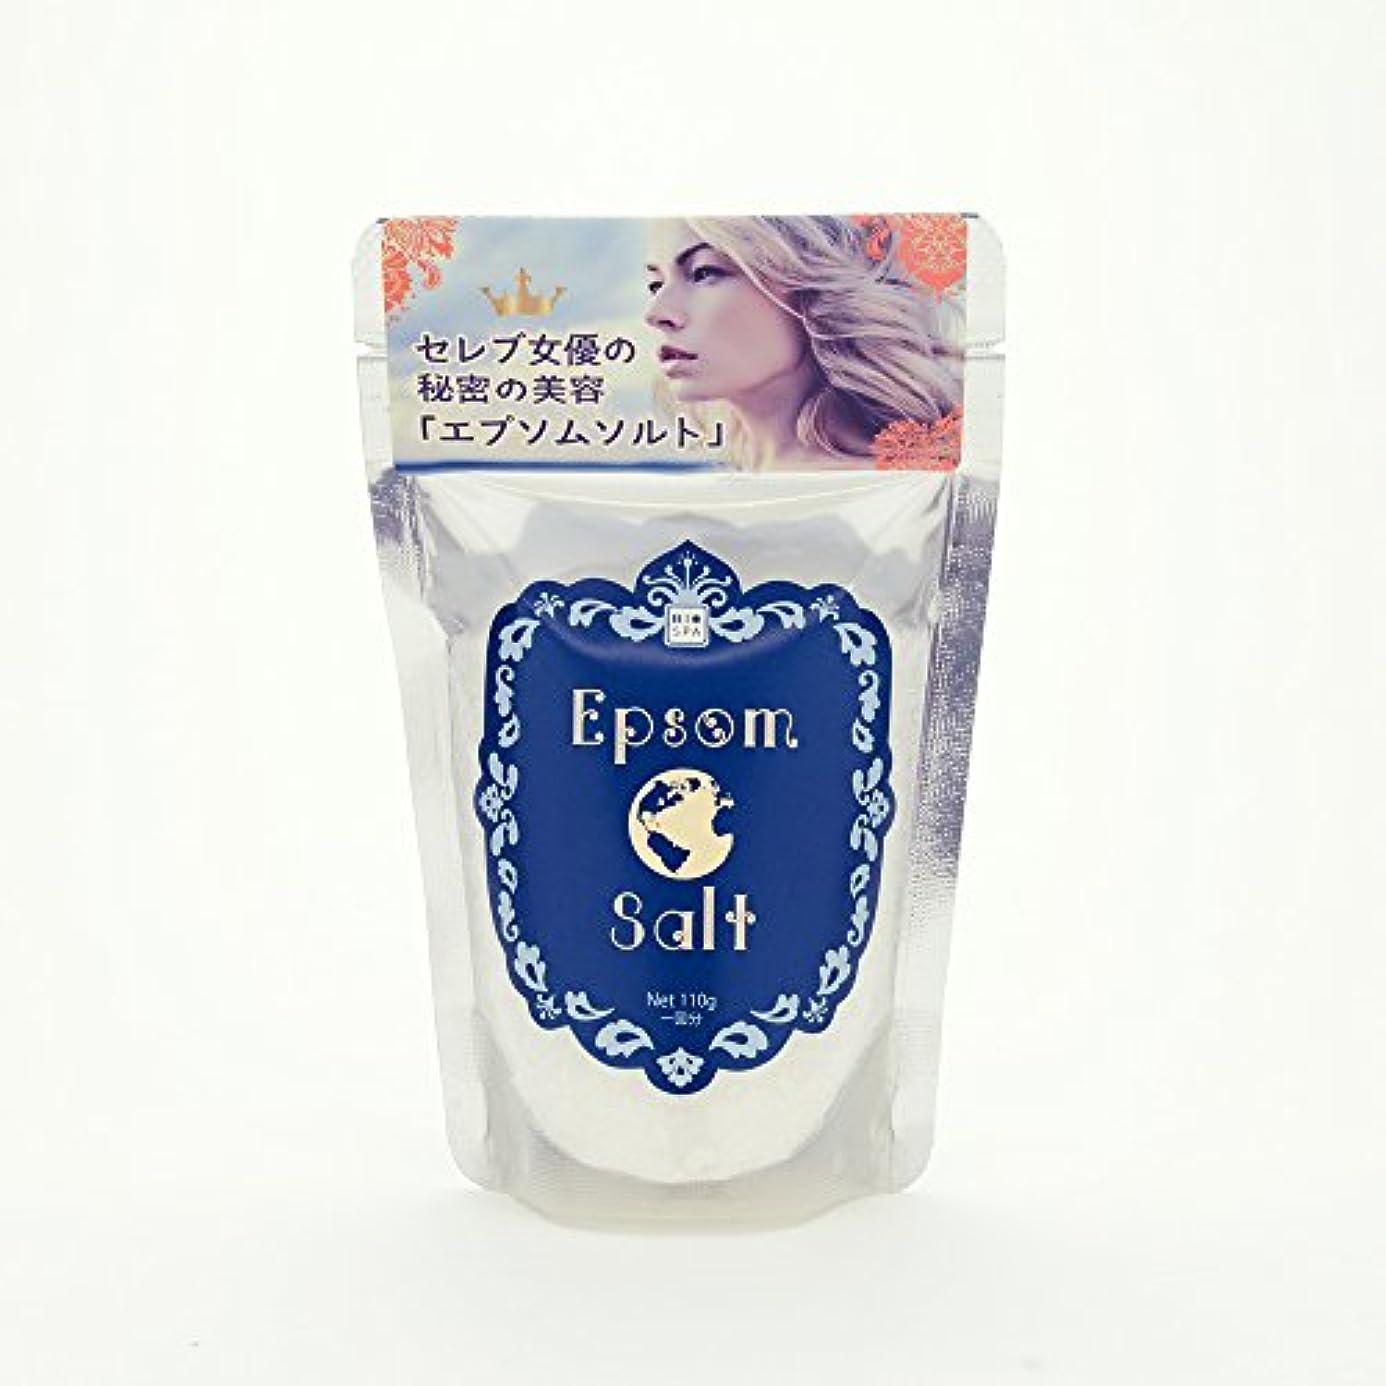 貫入重大タクトビオスパ エプソムソルト【110g/1回分】(浴用化粧品)